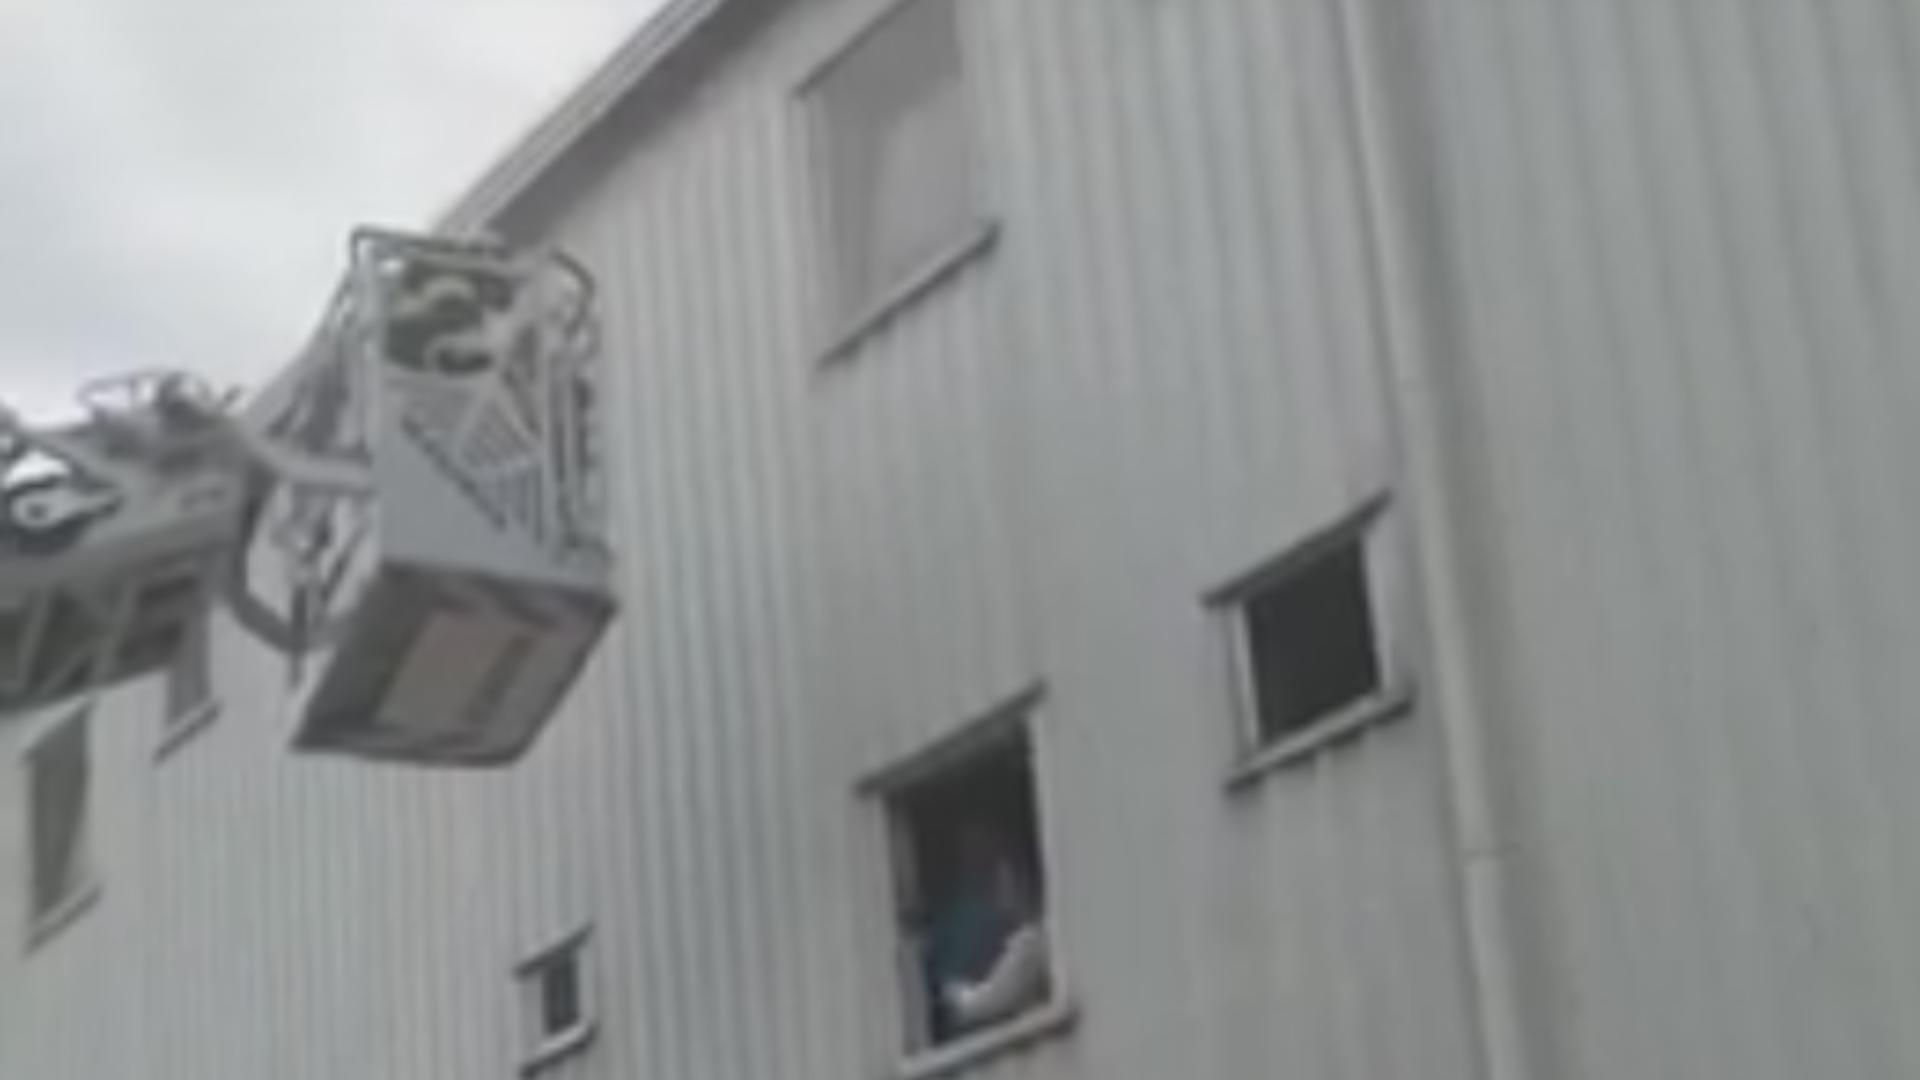 Incendiu în Constanța, oameni evacuați cu scara mobilă